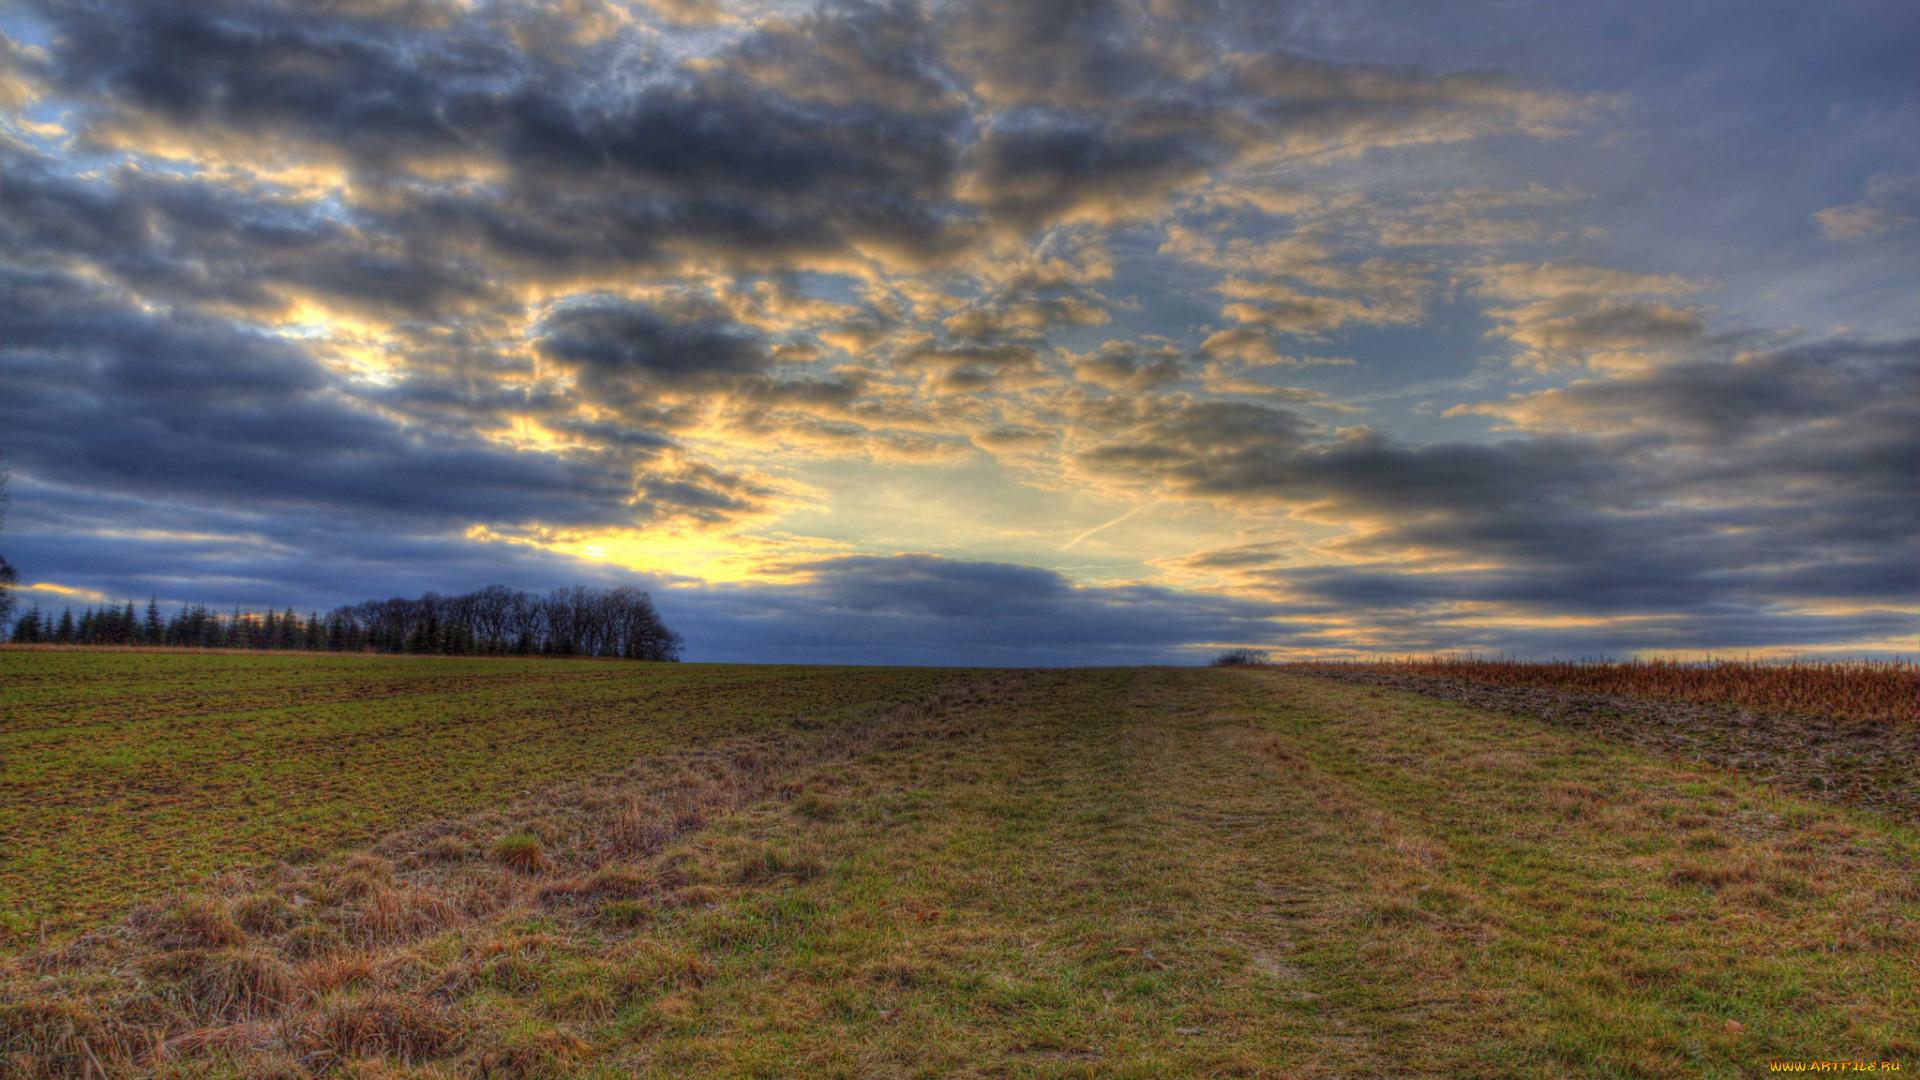 природа поле горизонт  № 3896435 бесплатно